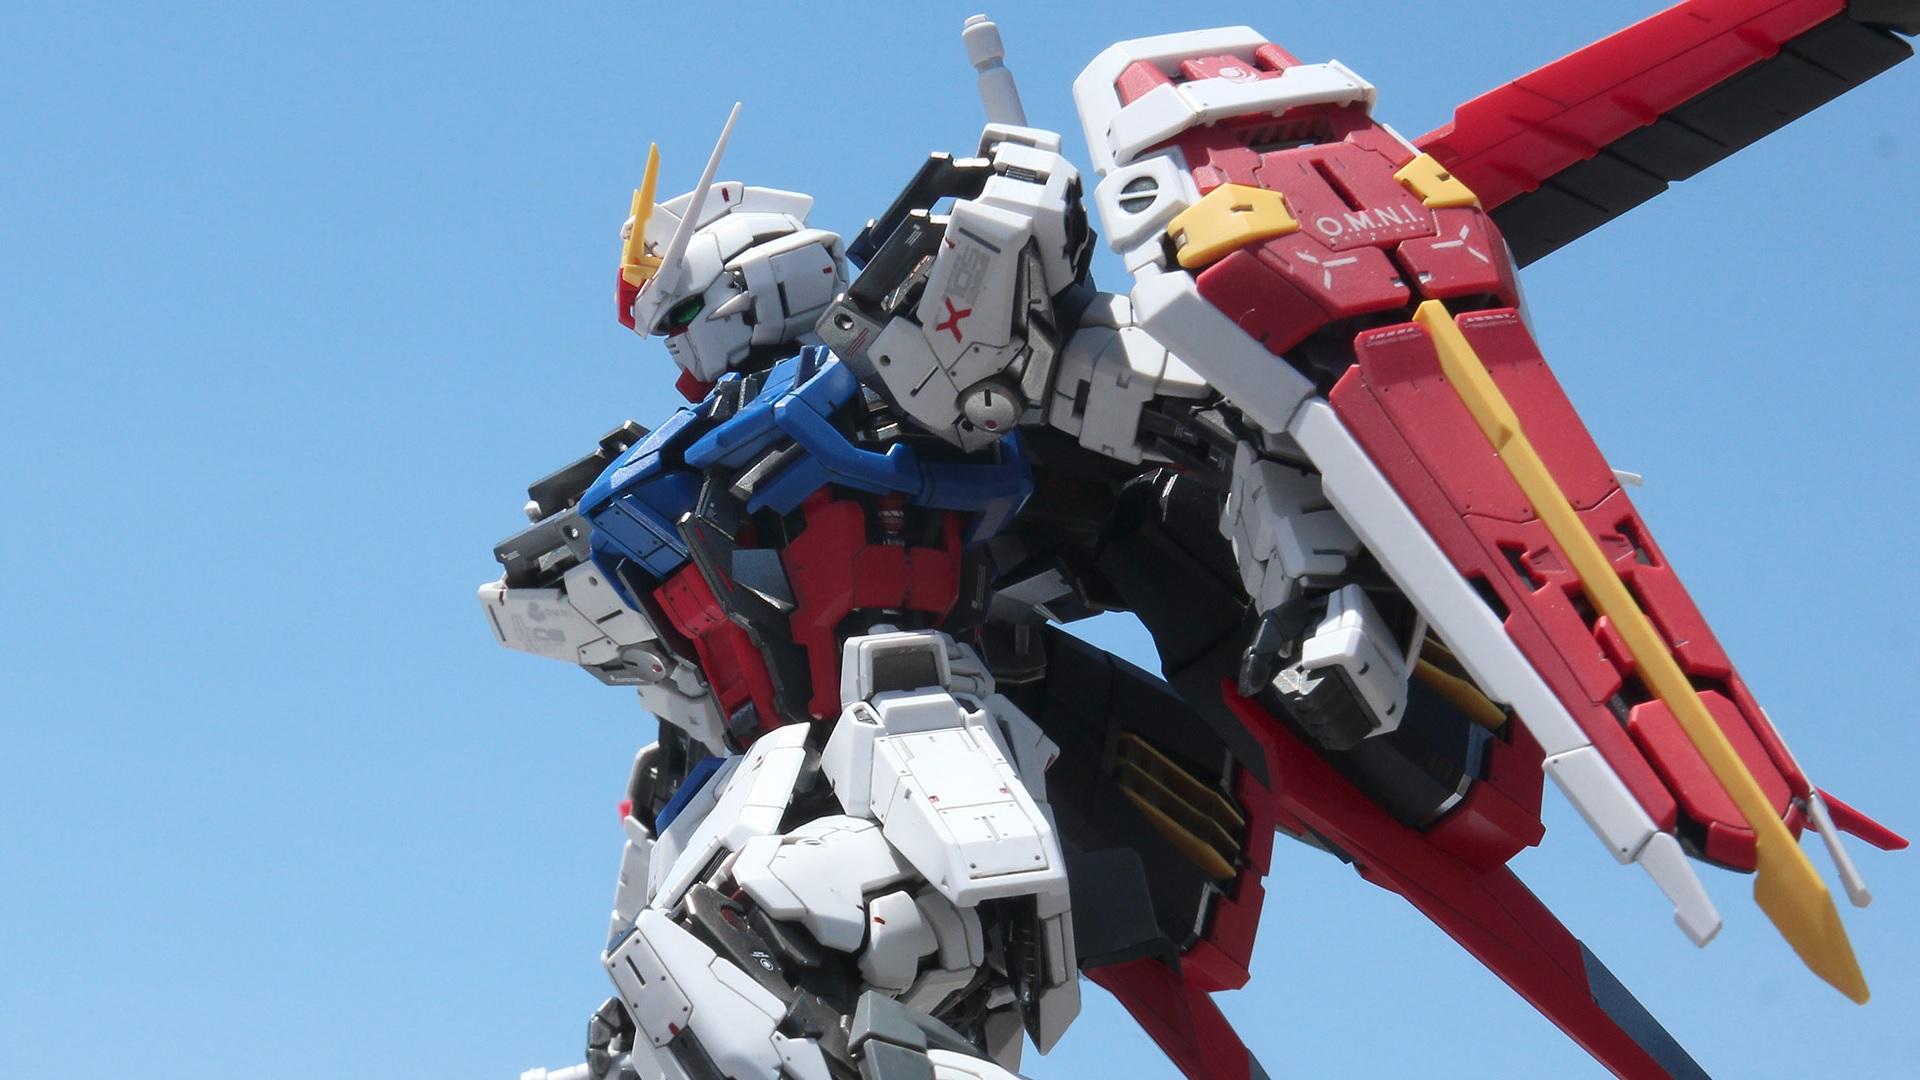 デスクトップ壁紙 Gundam Aile Strike ガンプラ Josh Darrah